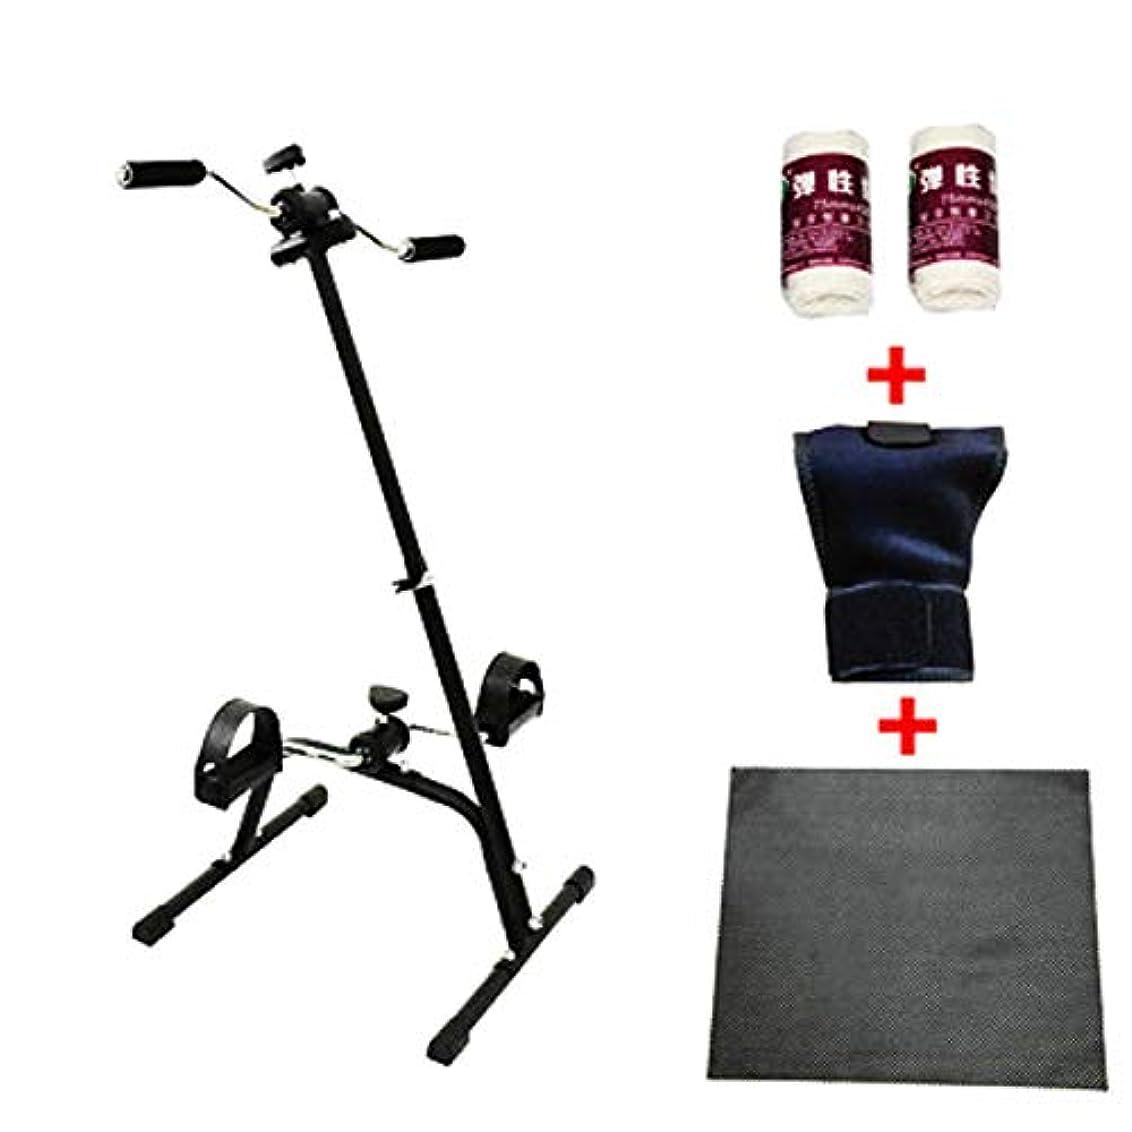 カウント神マイク医療全身エクササイザー、ホームレッグアームペダルエクササイザー、上肢および下肢のトレーニング機器、カーディオフィットネストレーナー|ホームトレーナー|スピンエクササイズバイク,A